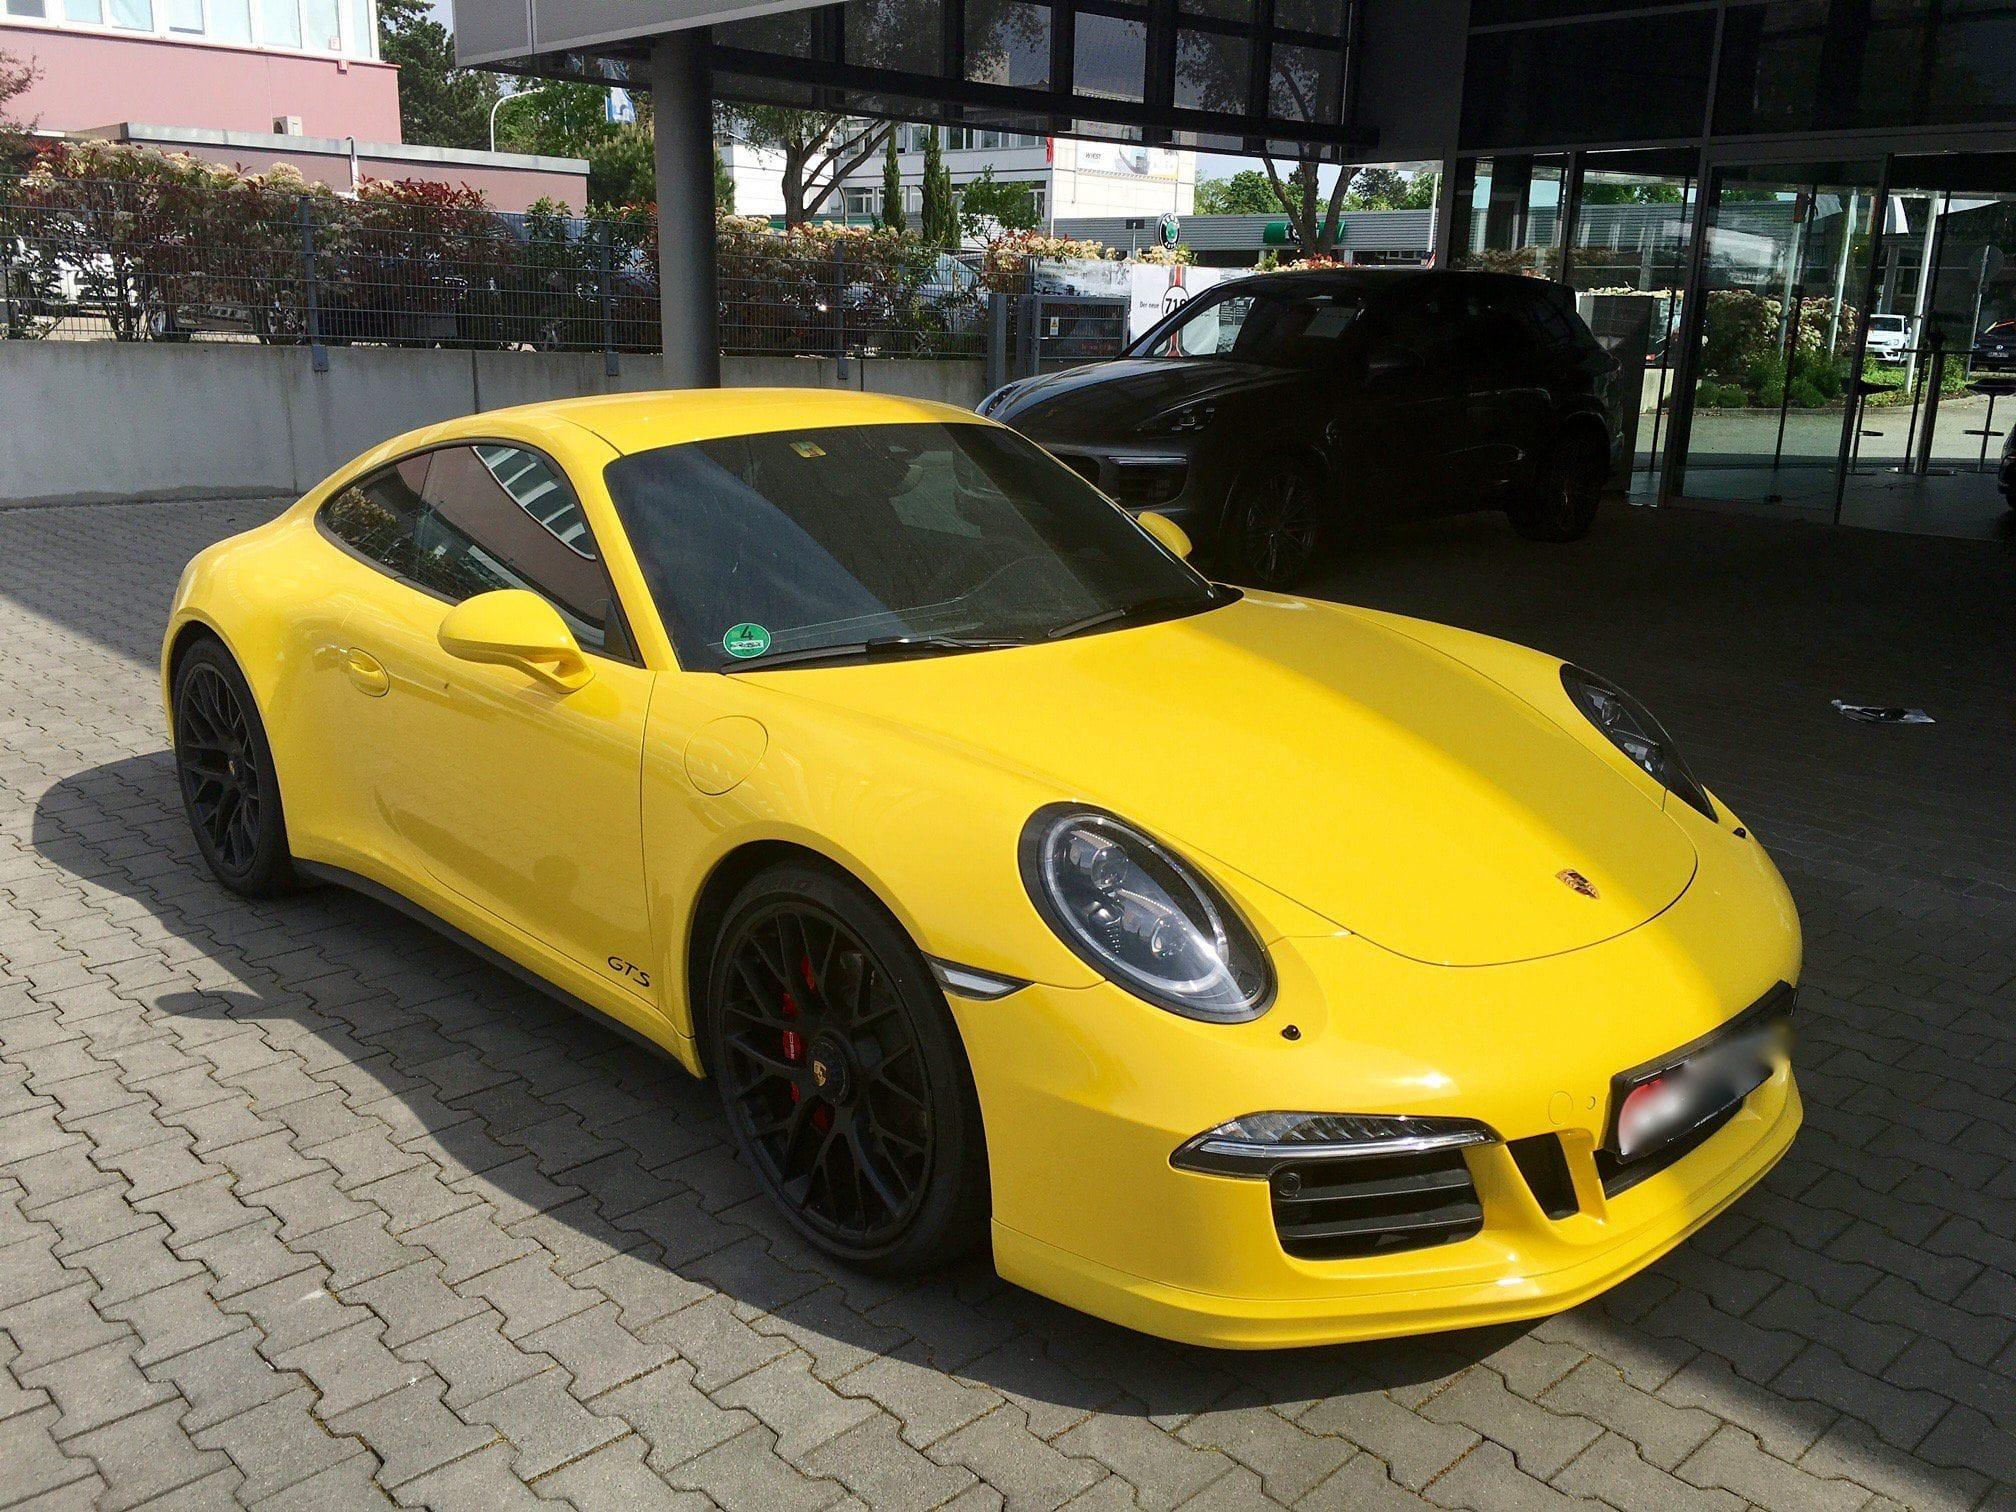 Porsche récentes (à partir de 2008) en serie limitées tous les détails